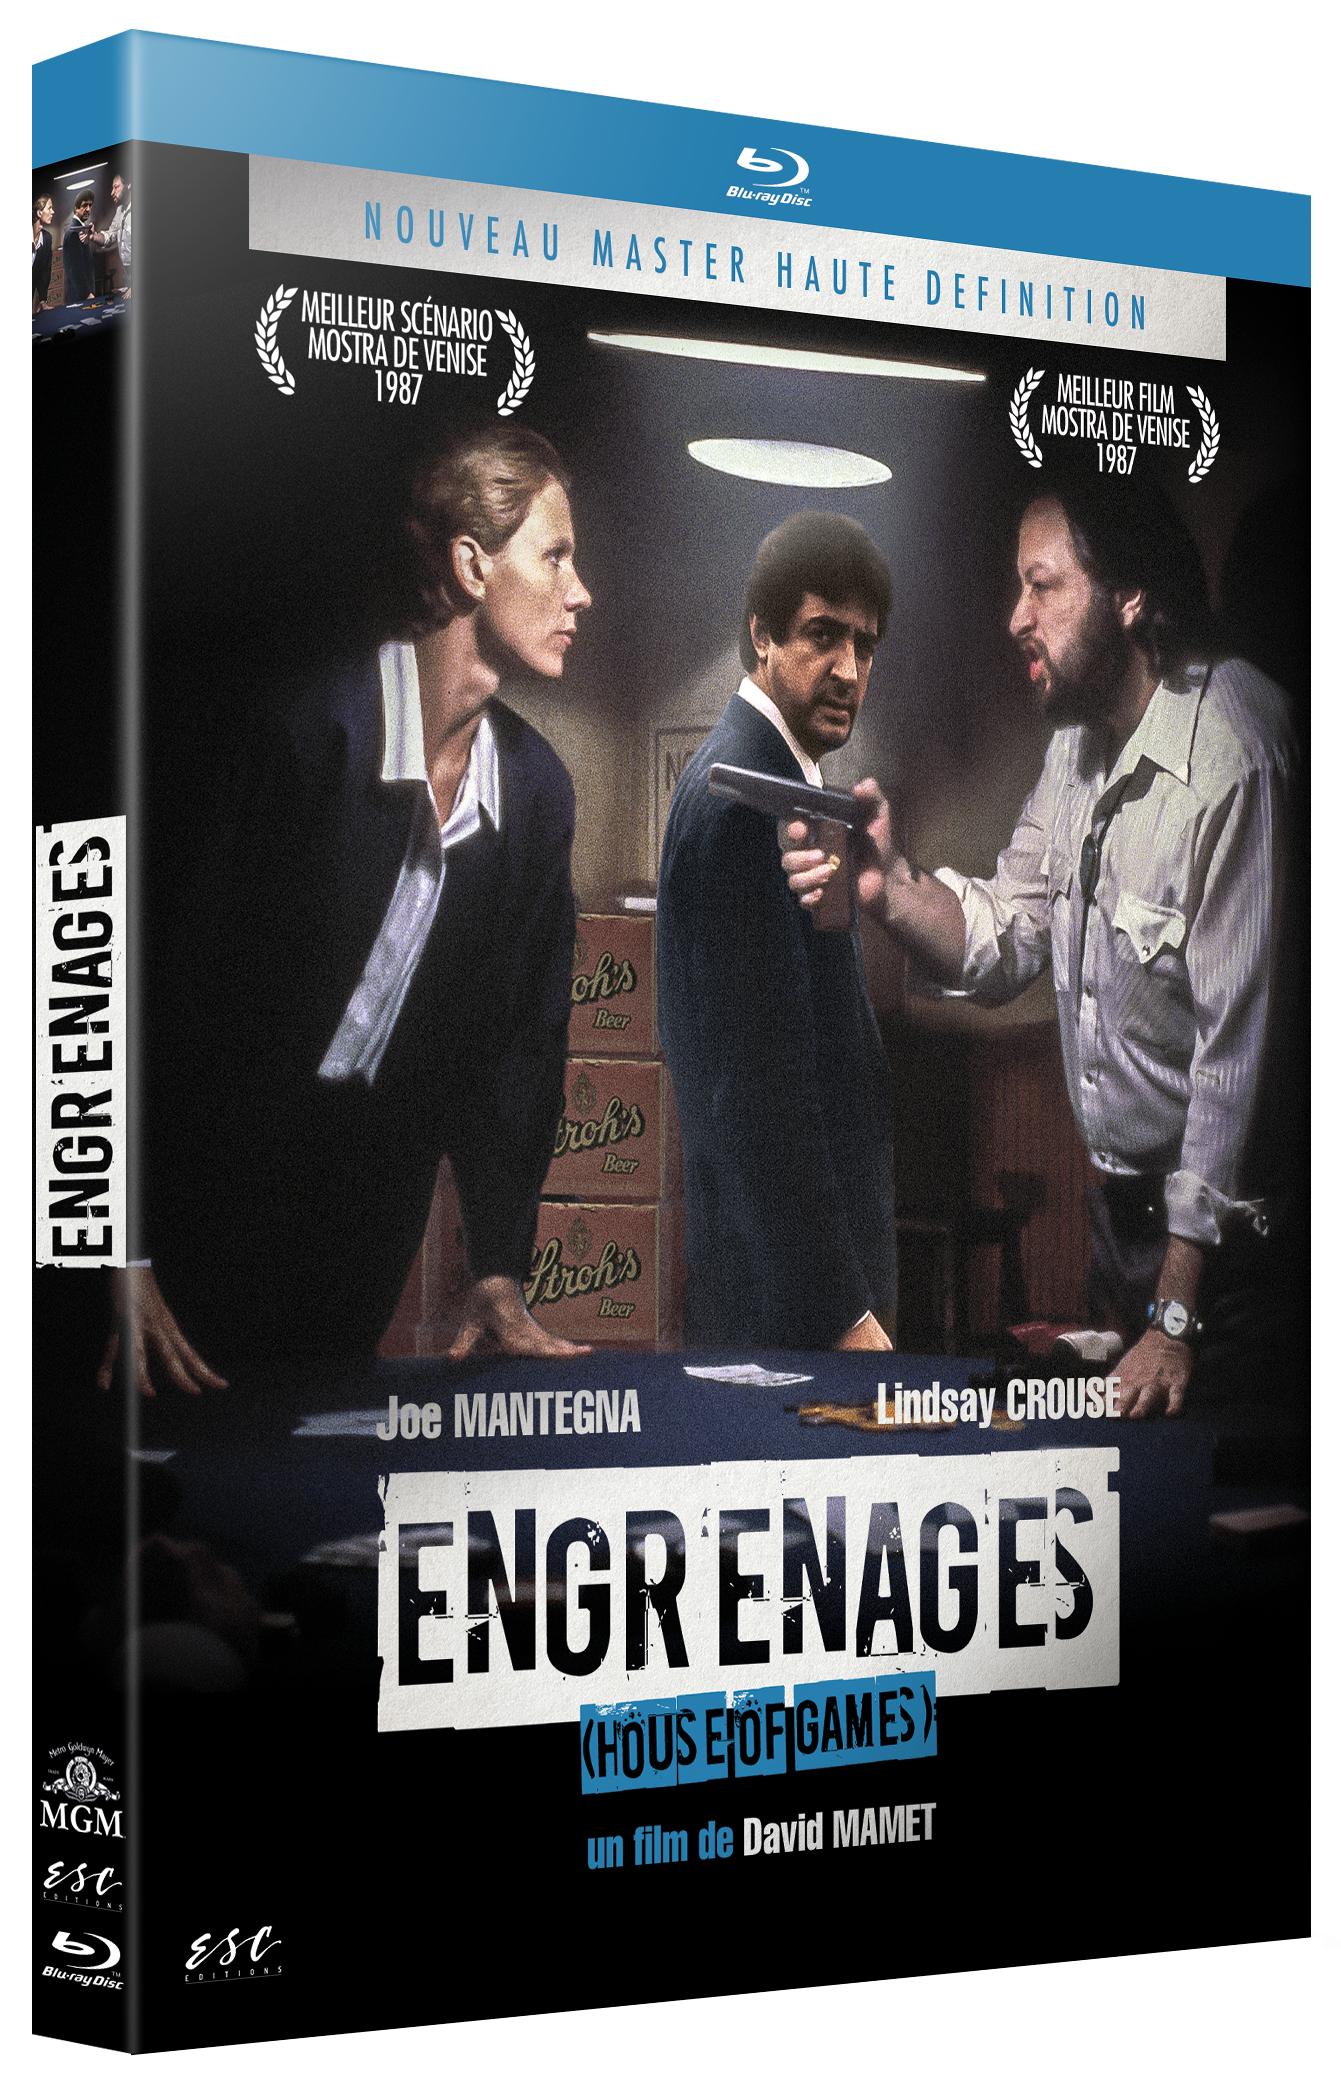 ENGRENAGES - BRD